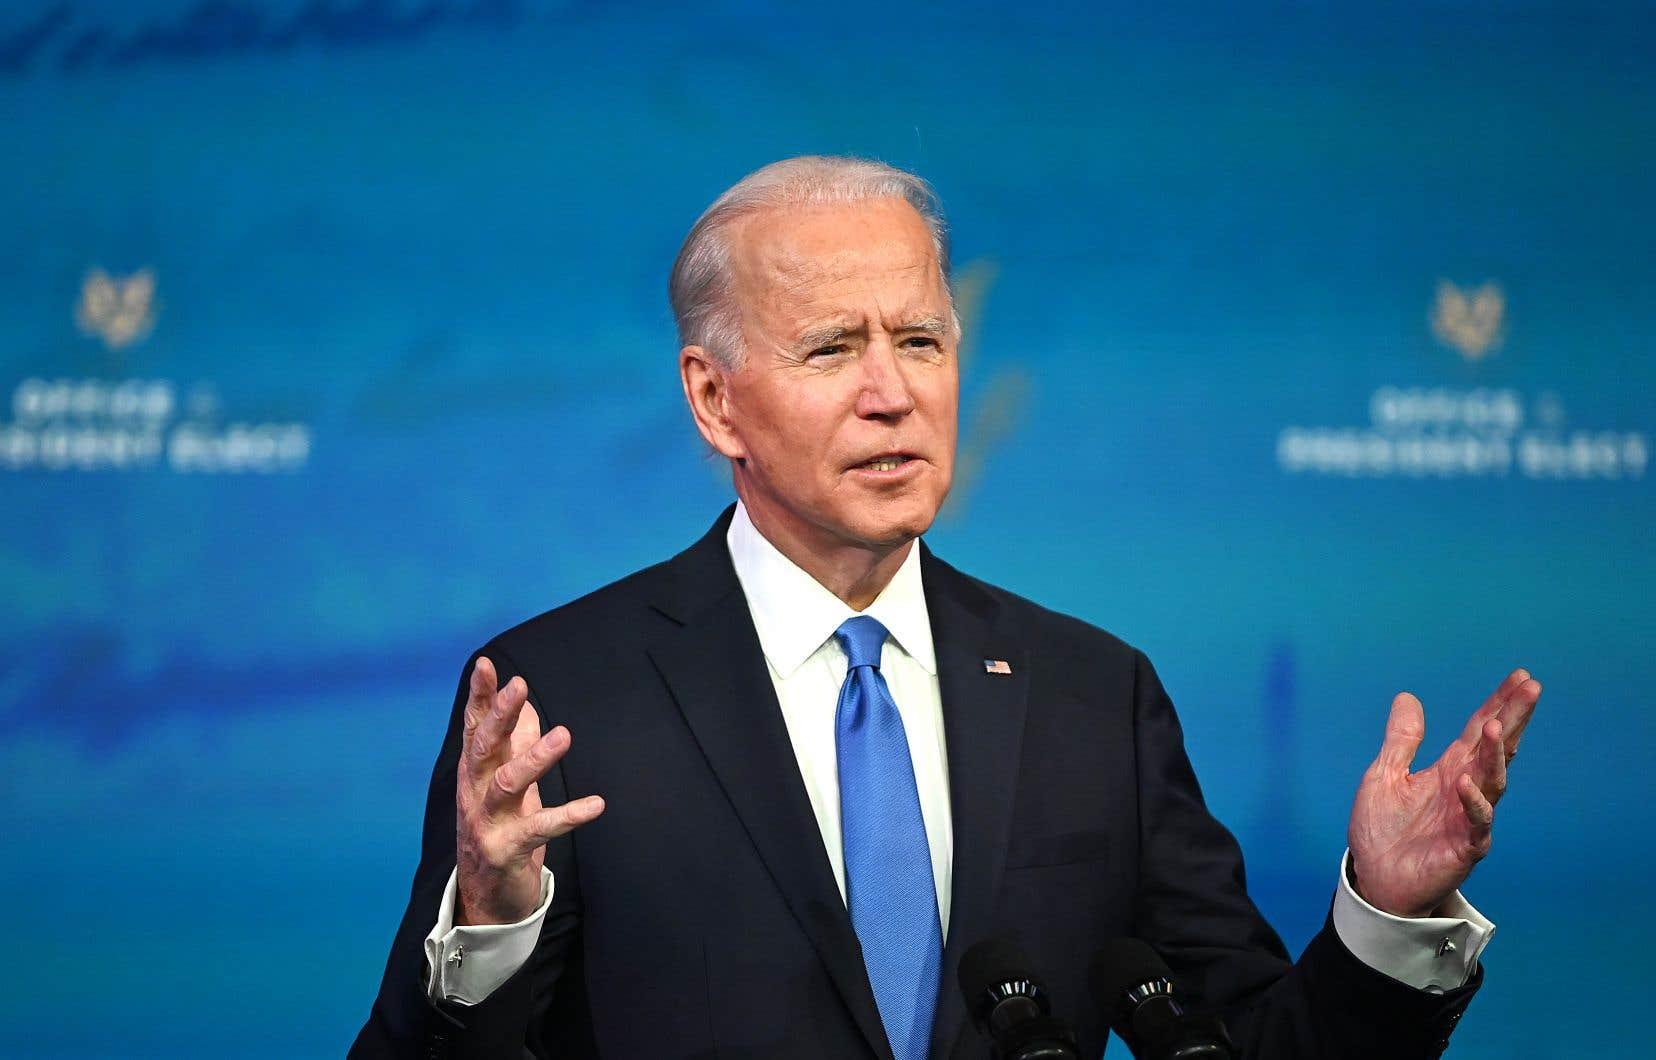 Les élus de certains États pivots qui ont causé la surprise en votant pour Joe Biden en novembre avaient reçu des menaces, en vue du vote du collège électoral de lundi. Sur la photo, le président désigné, Joe BIden, lors d'un discours, peu après que les derniers grands électeurs des États se furent prononcés.